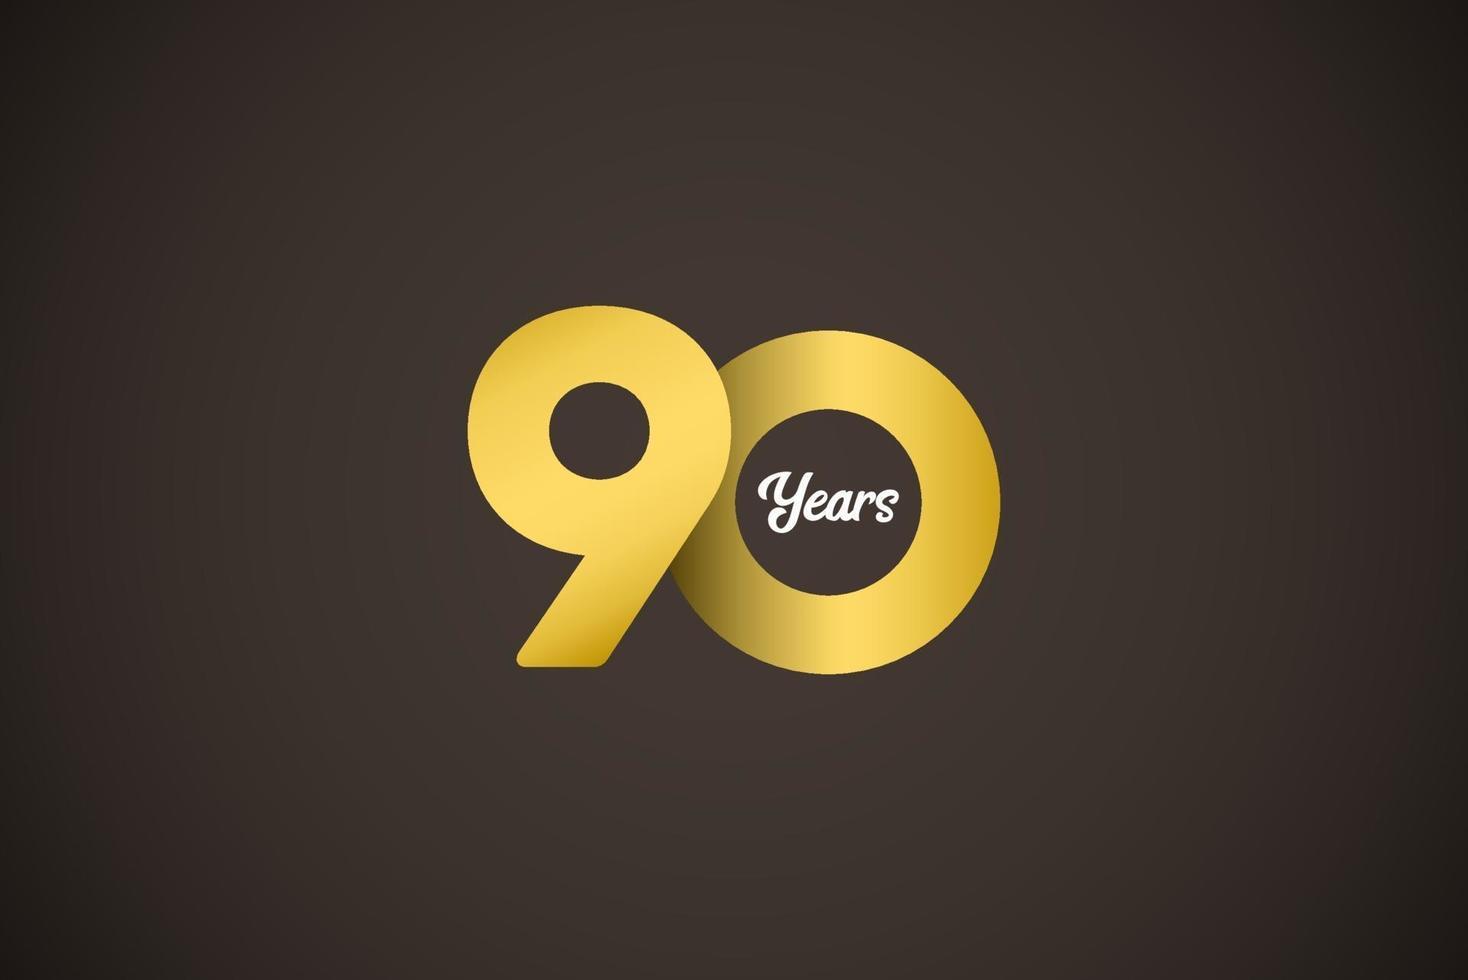 Ilustração de design de modelo vetorial ouro celebração de aniversário de 90 anos vetor